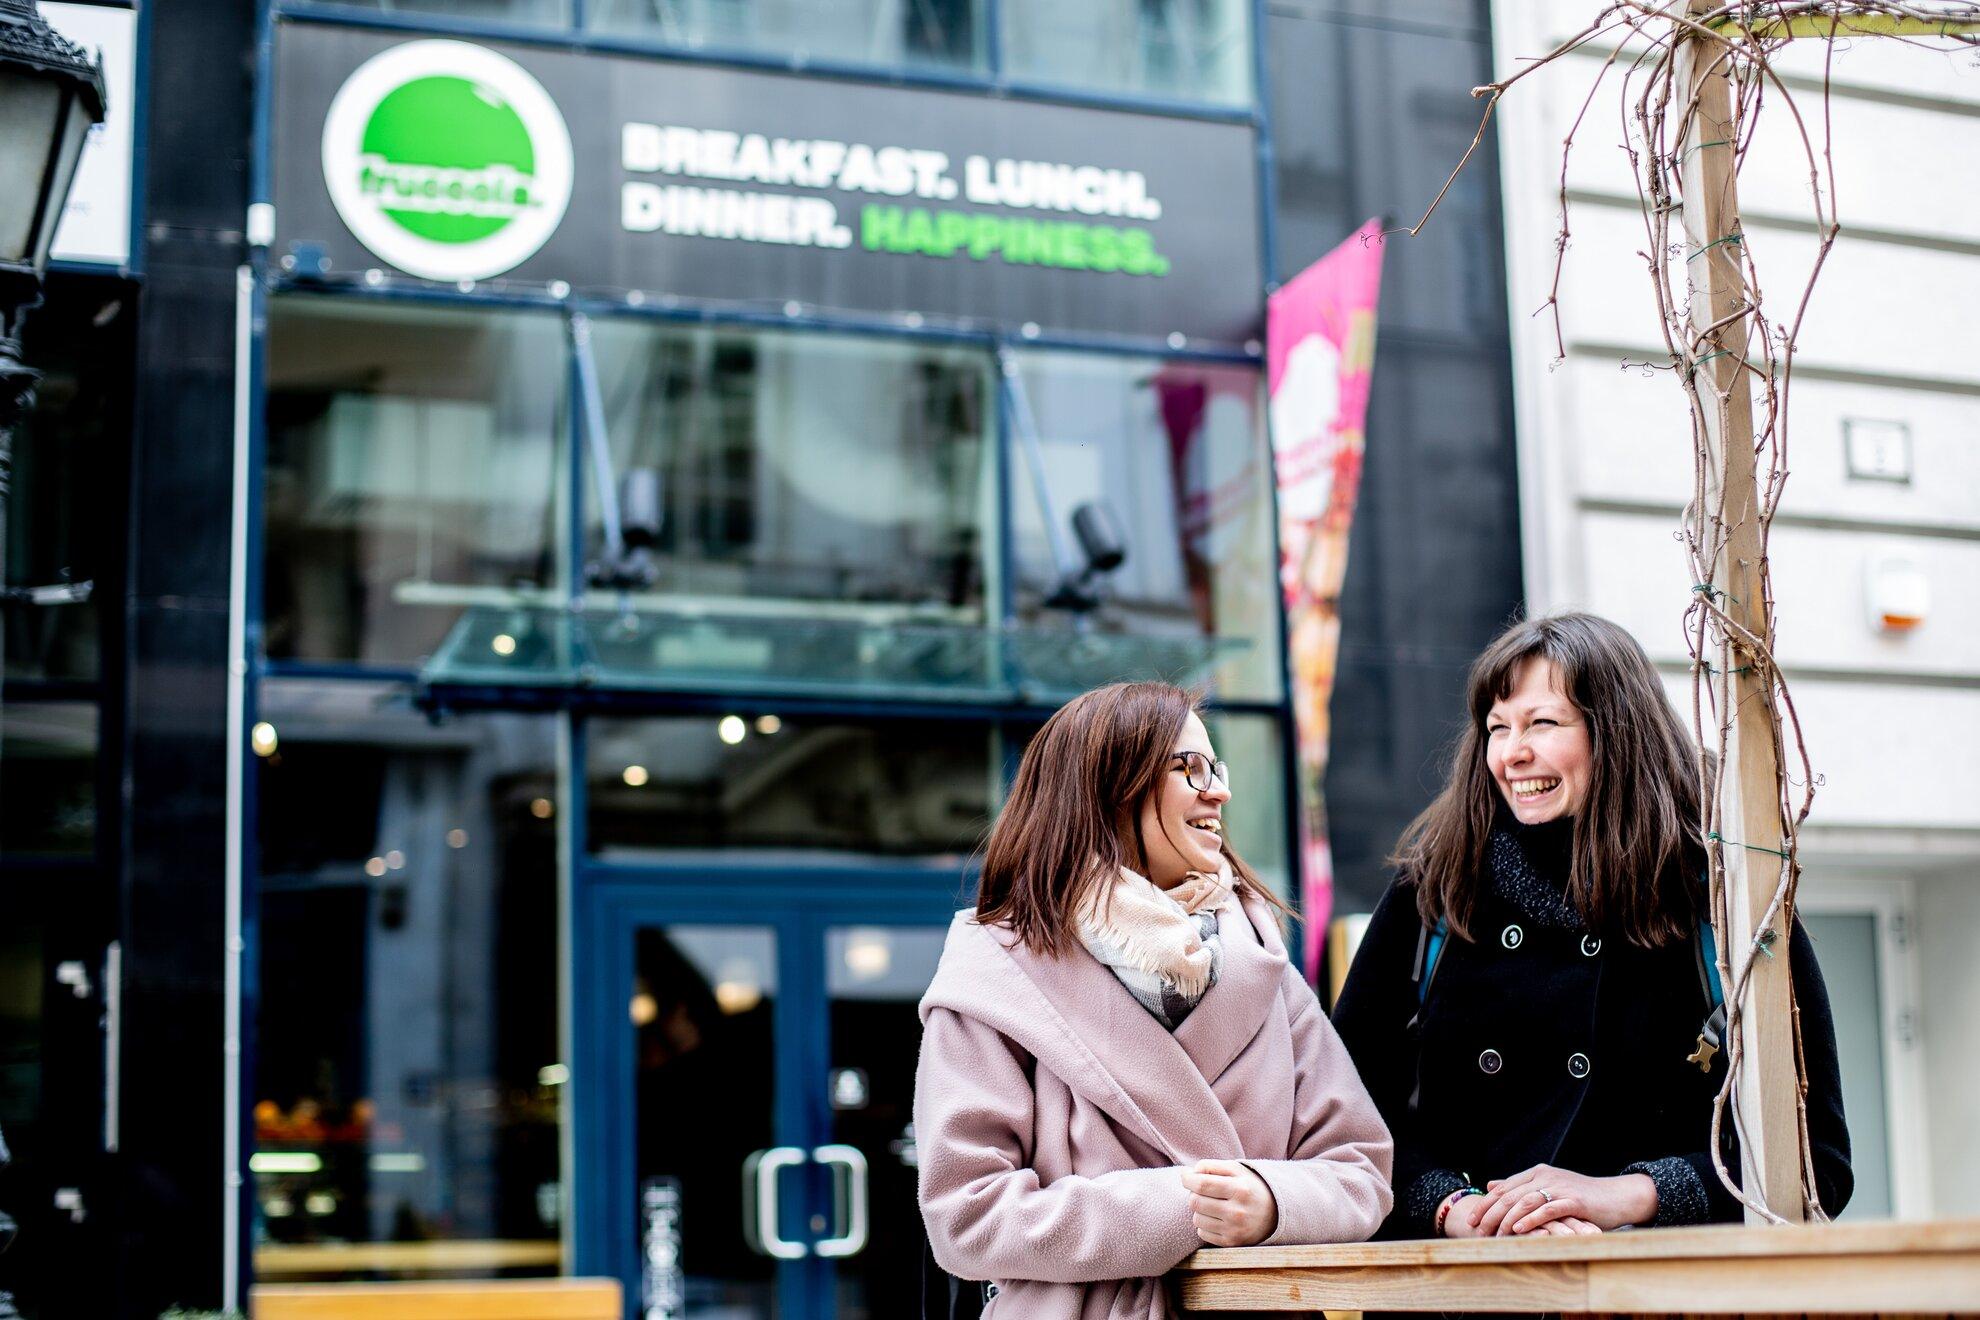 Így legyél te is környezettudatosabb Budapesten! – interjú, vélemények és tanácsok